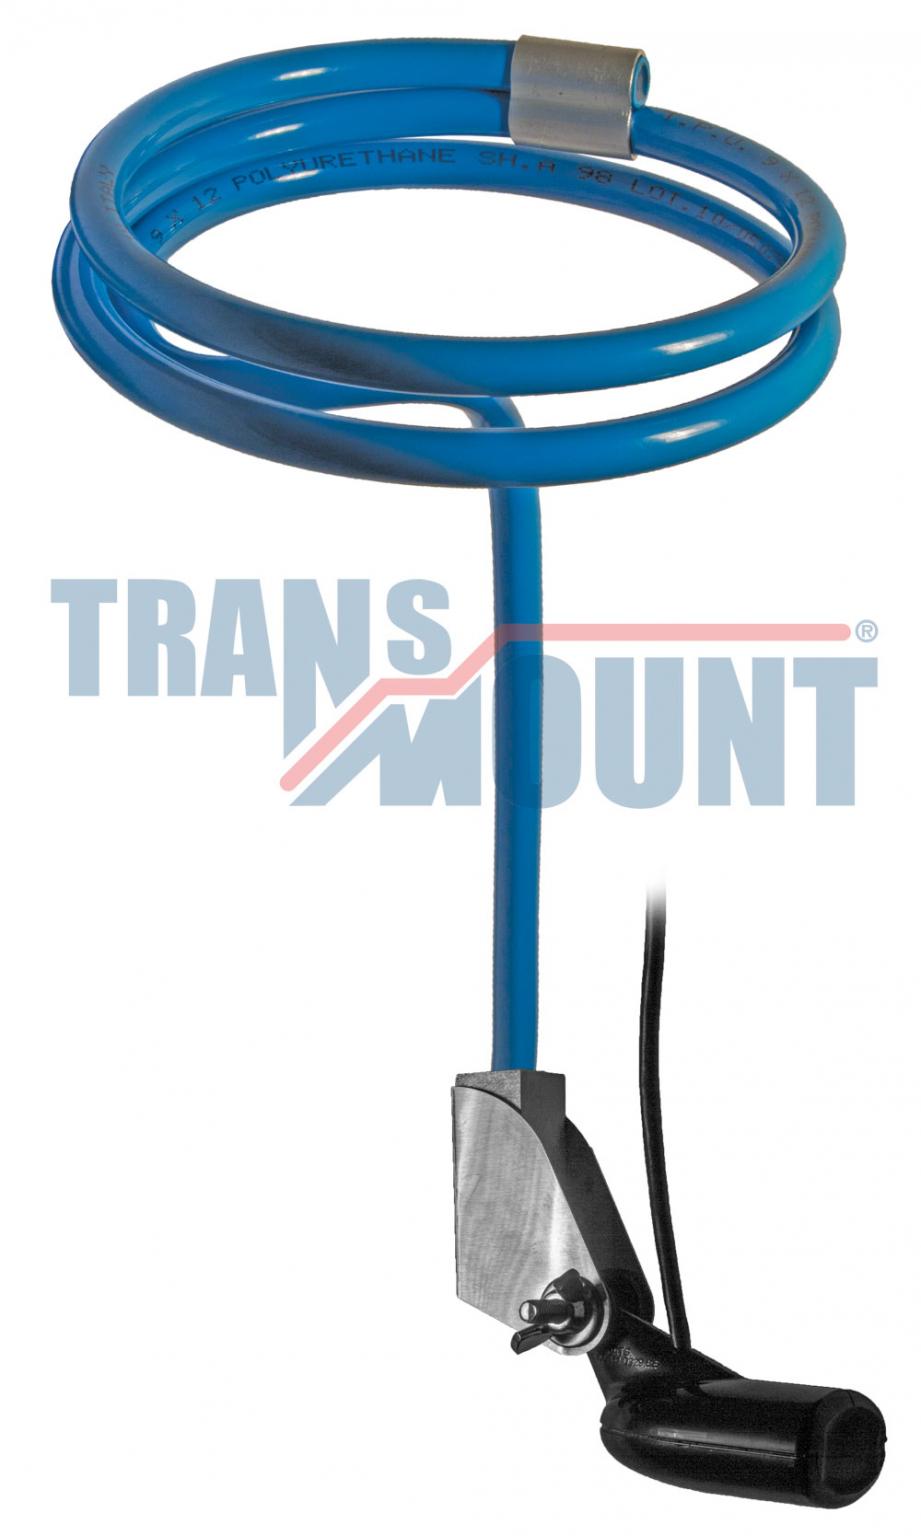 Зимний кронштейн для датчика эхолота TransMount KZ-90F